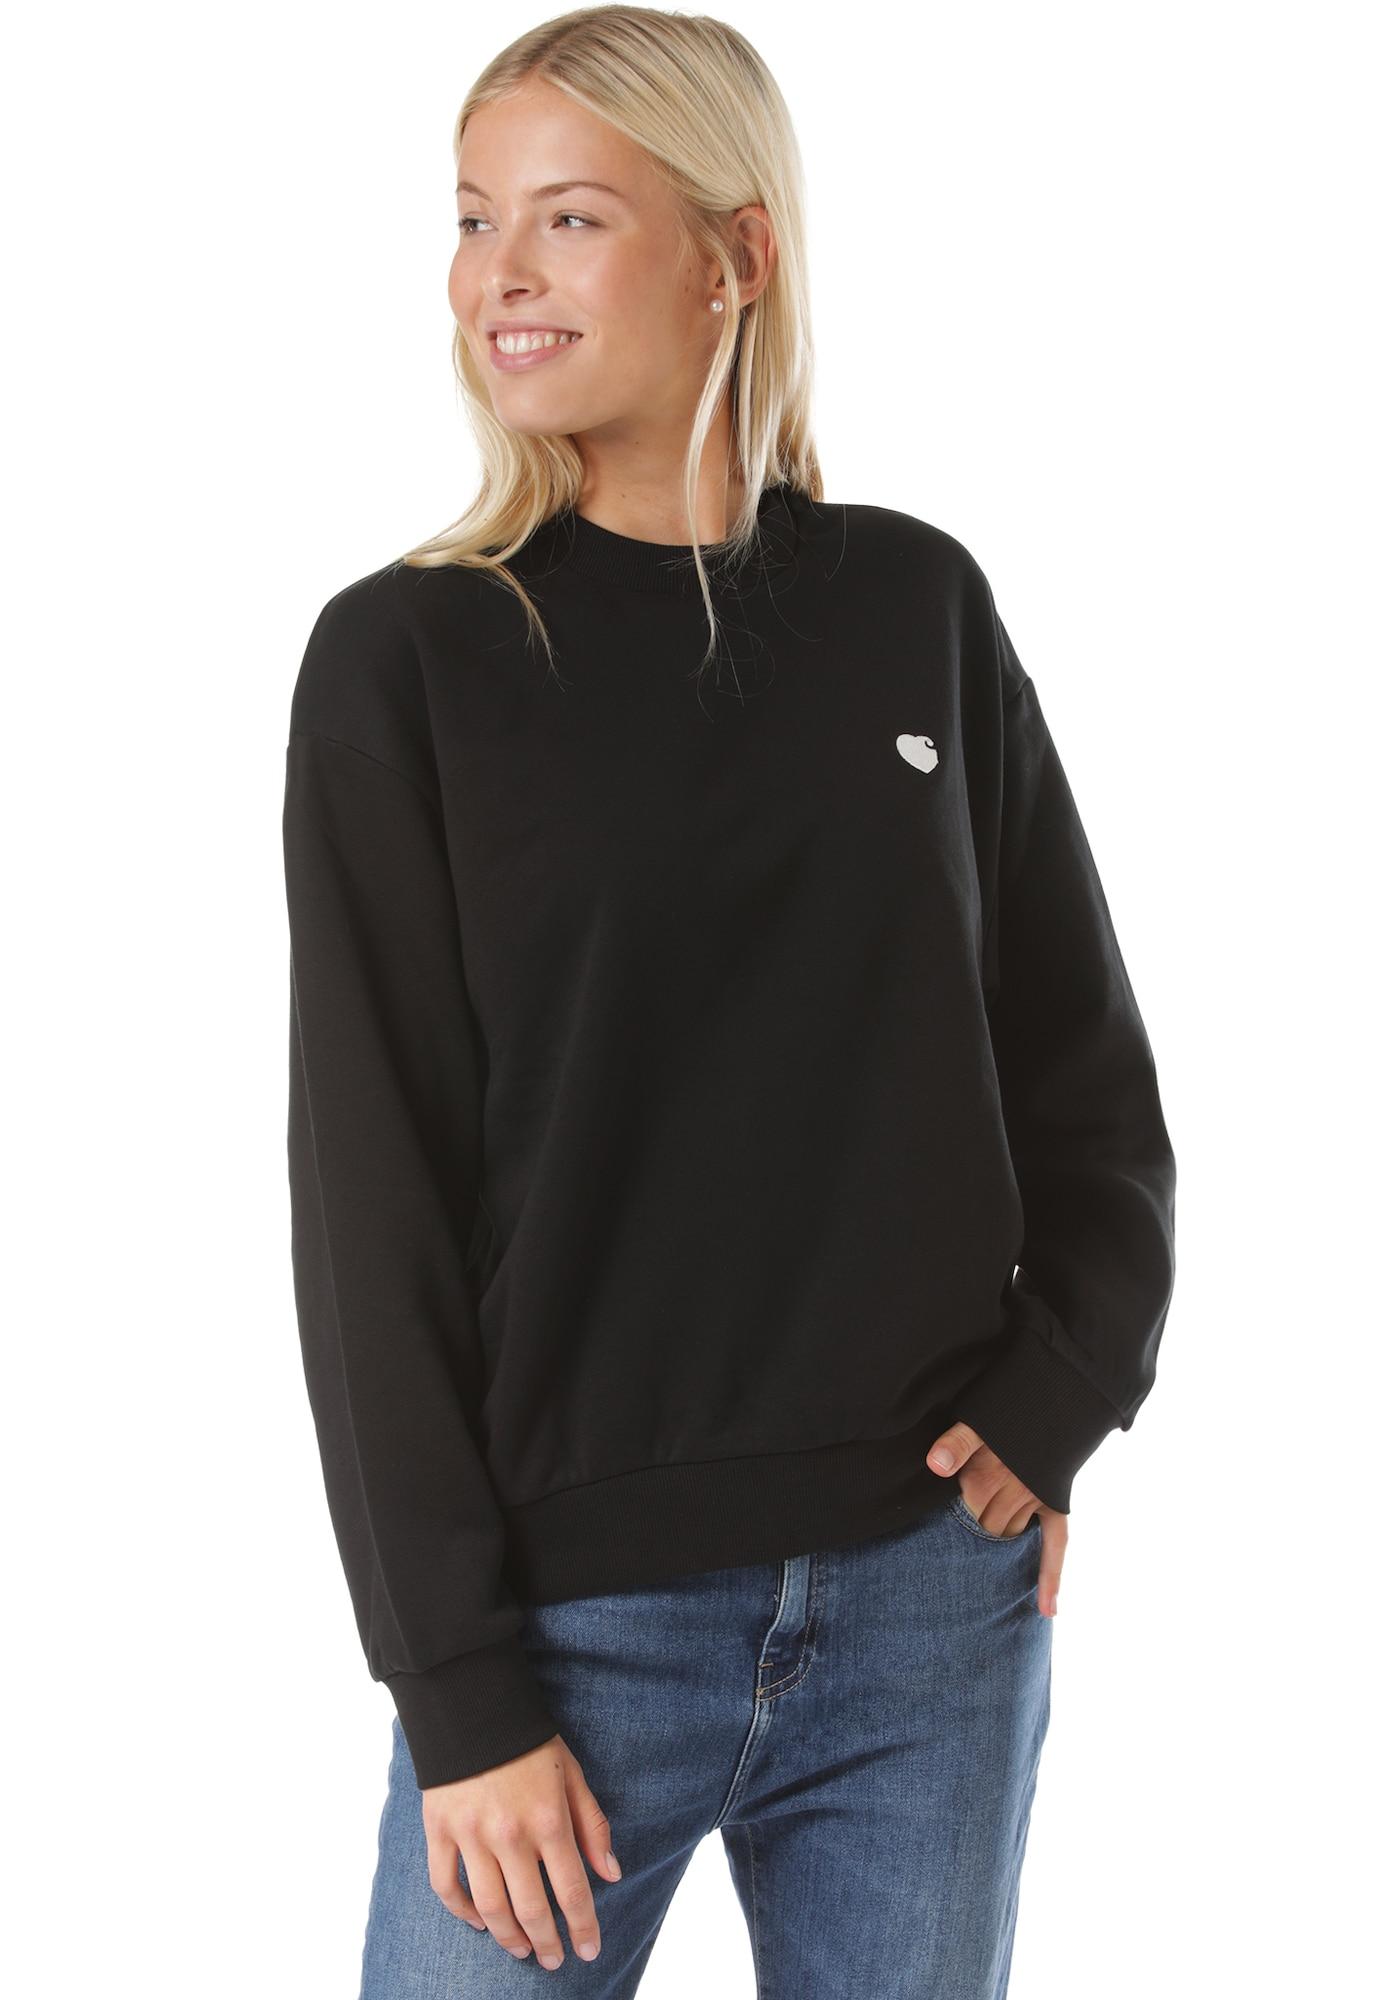 Hartt Sweatshirt   Bekleidung > Sweatshirts & -jacken   Carhartt WIP